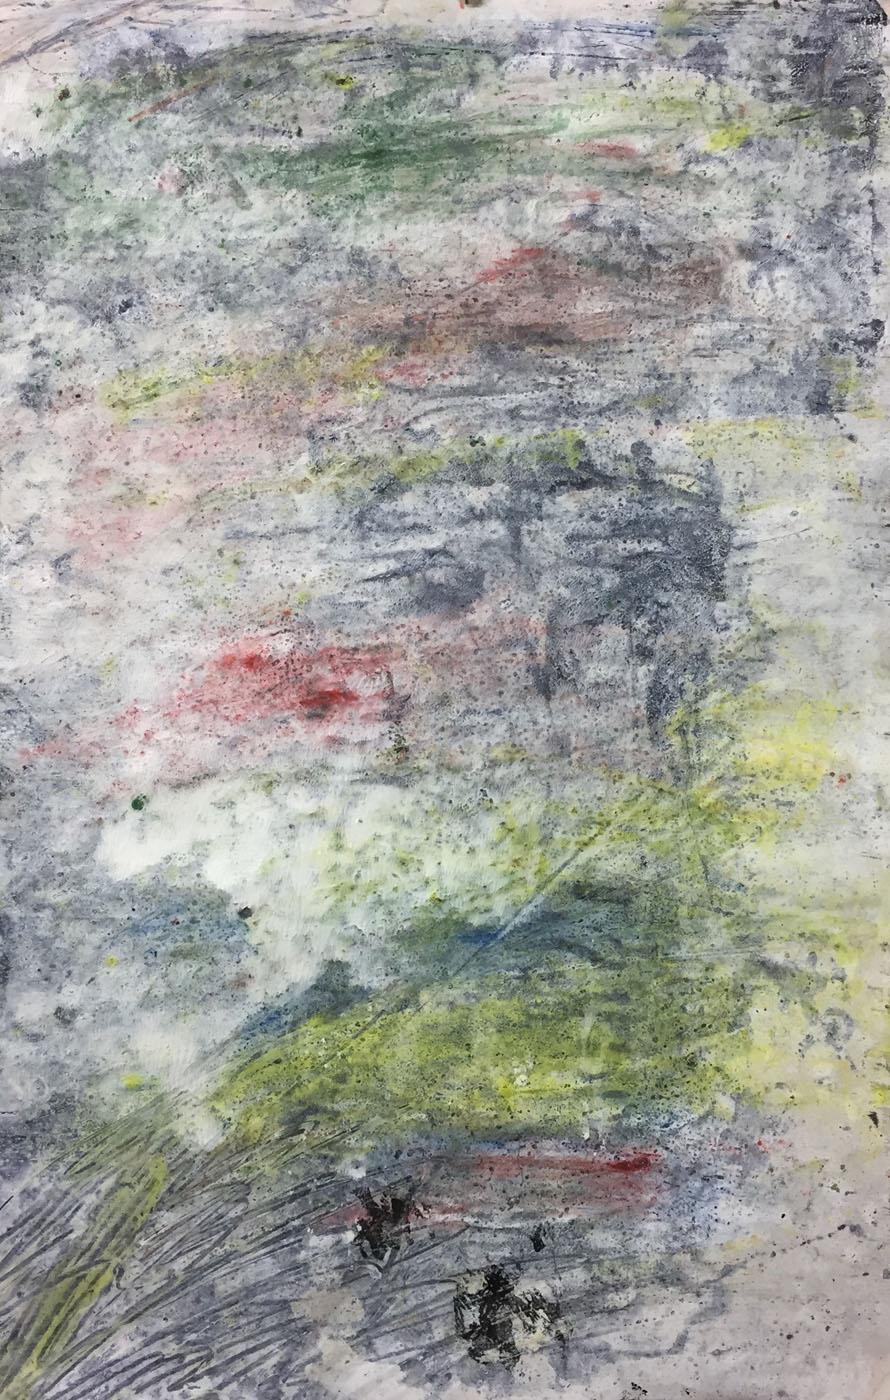 MARC FELD 2019 SANS TITRE Gouache, acrylique et pigment sur papier 50 x 32 cm